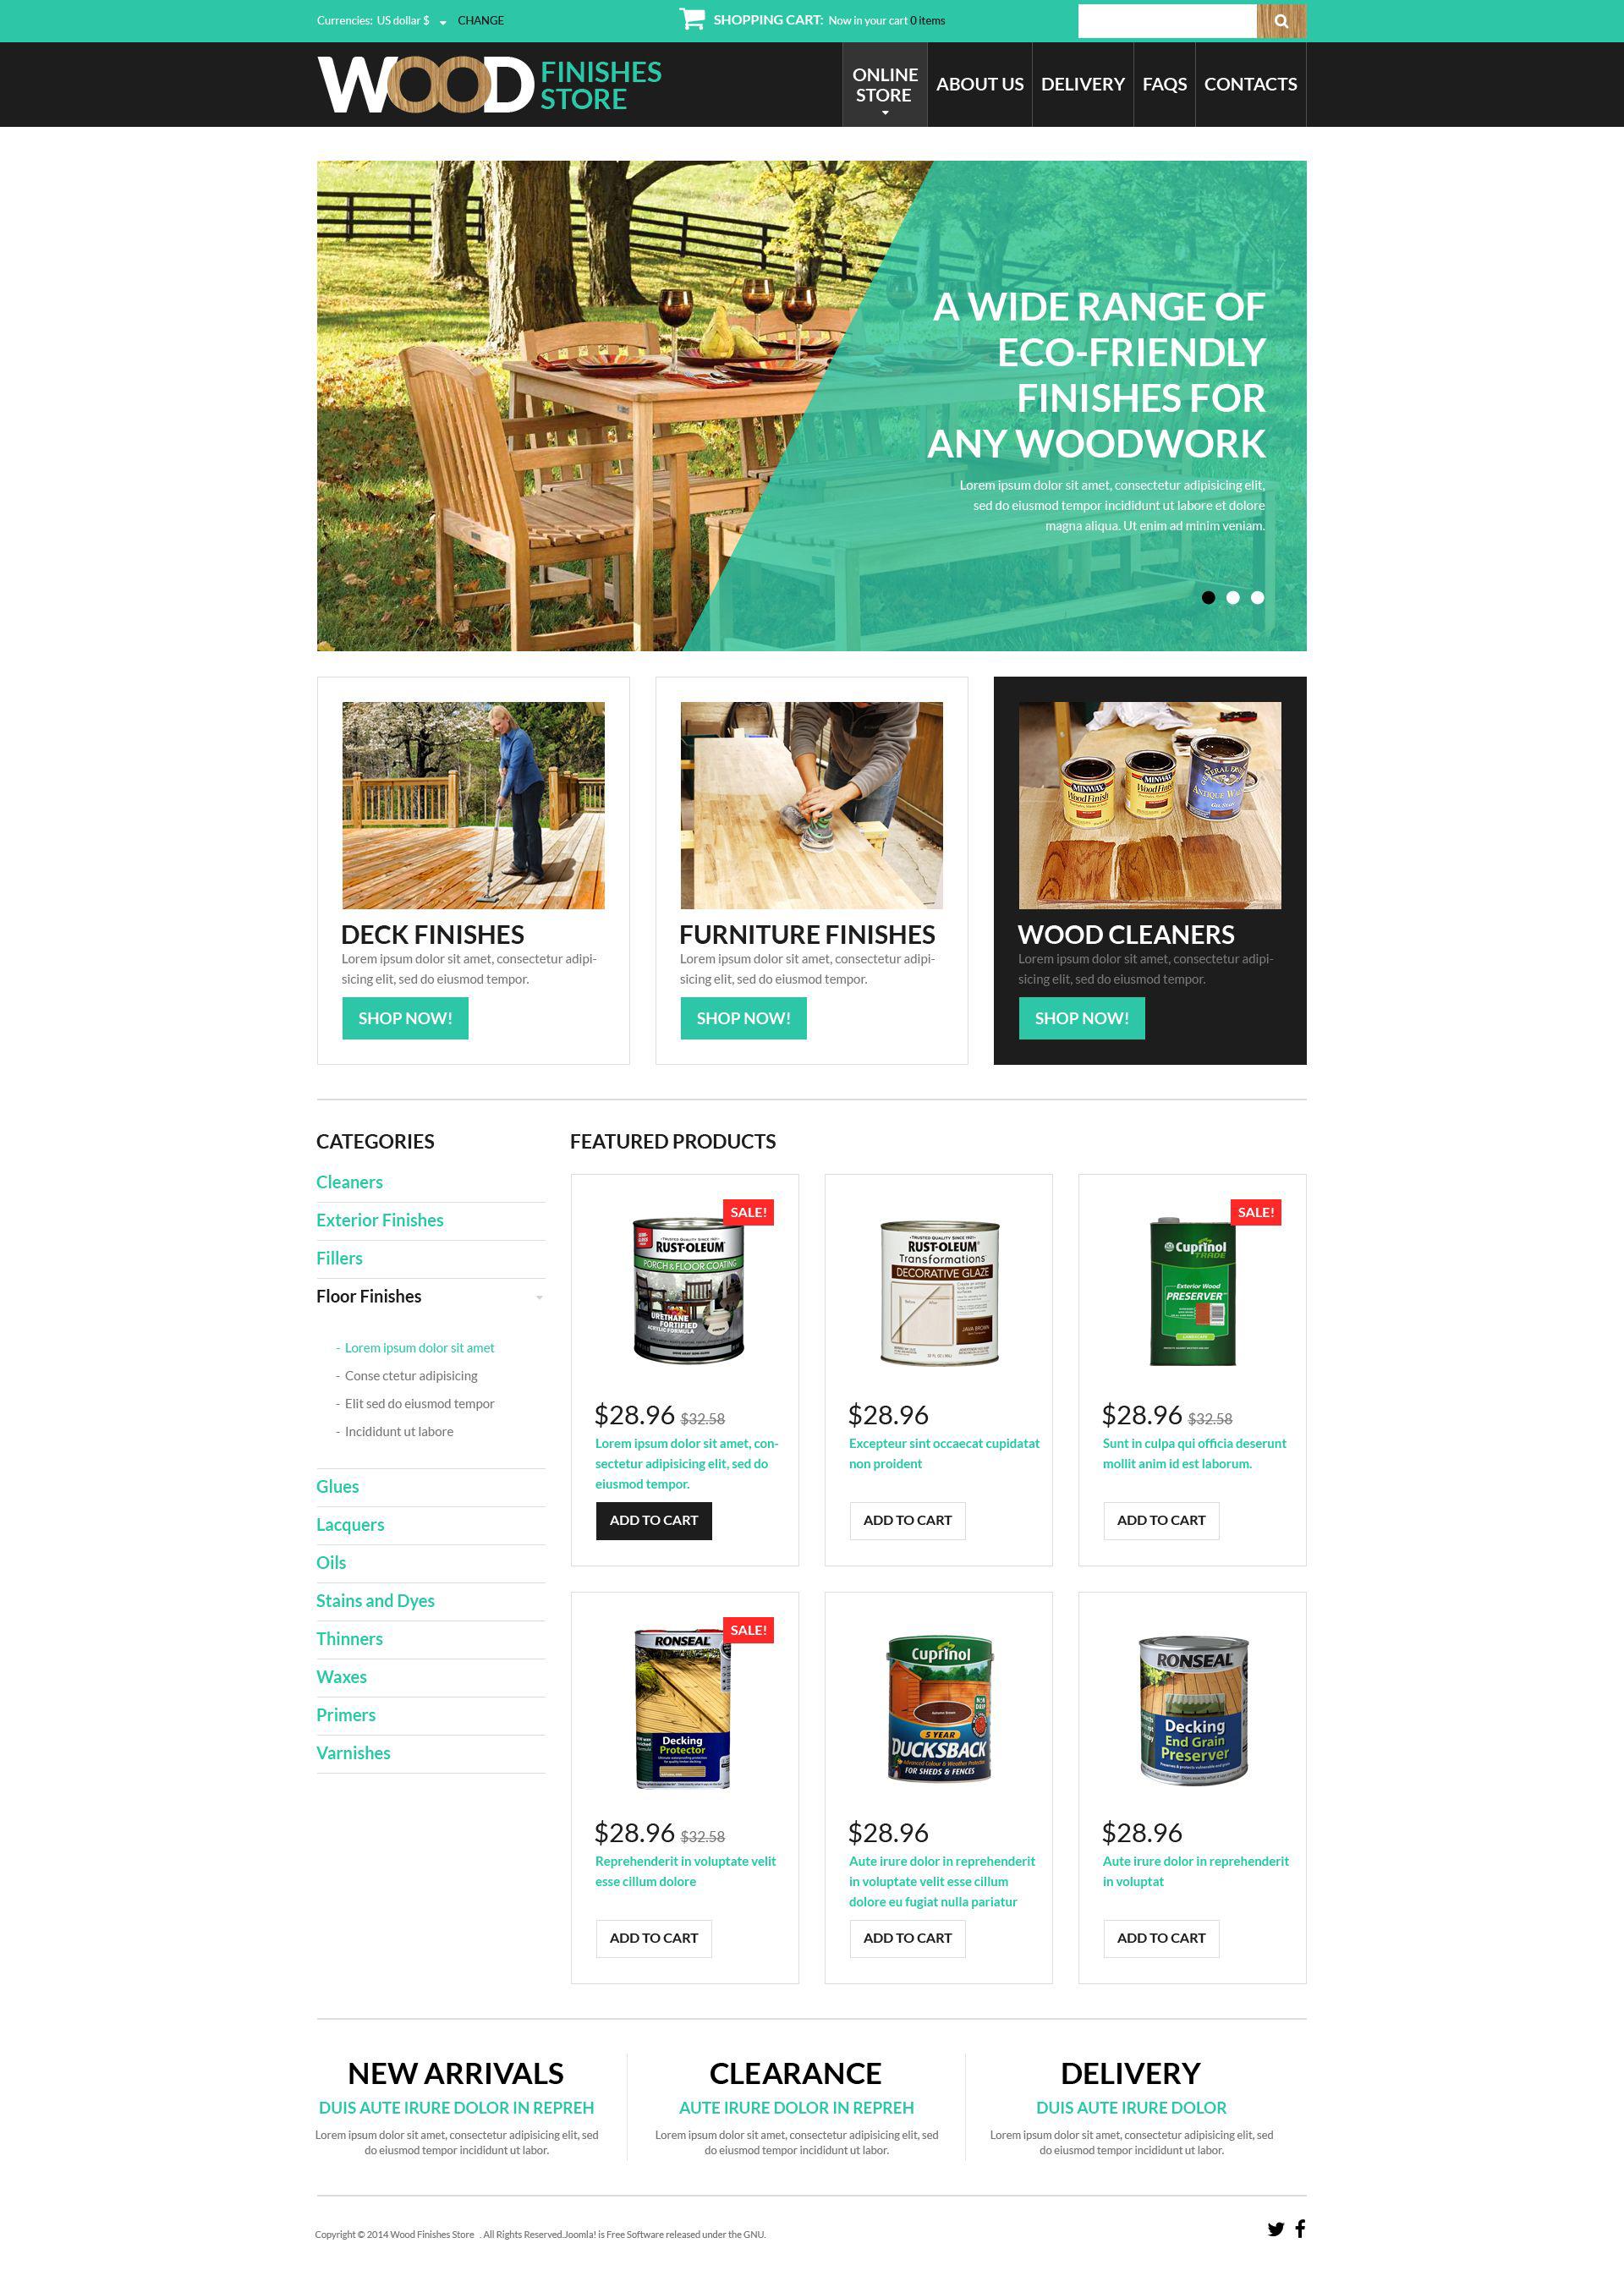 Szablon VirtueMart Wood Finishes Store #51366 - zrzut ekranu